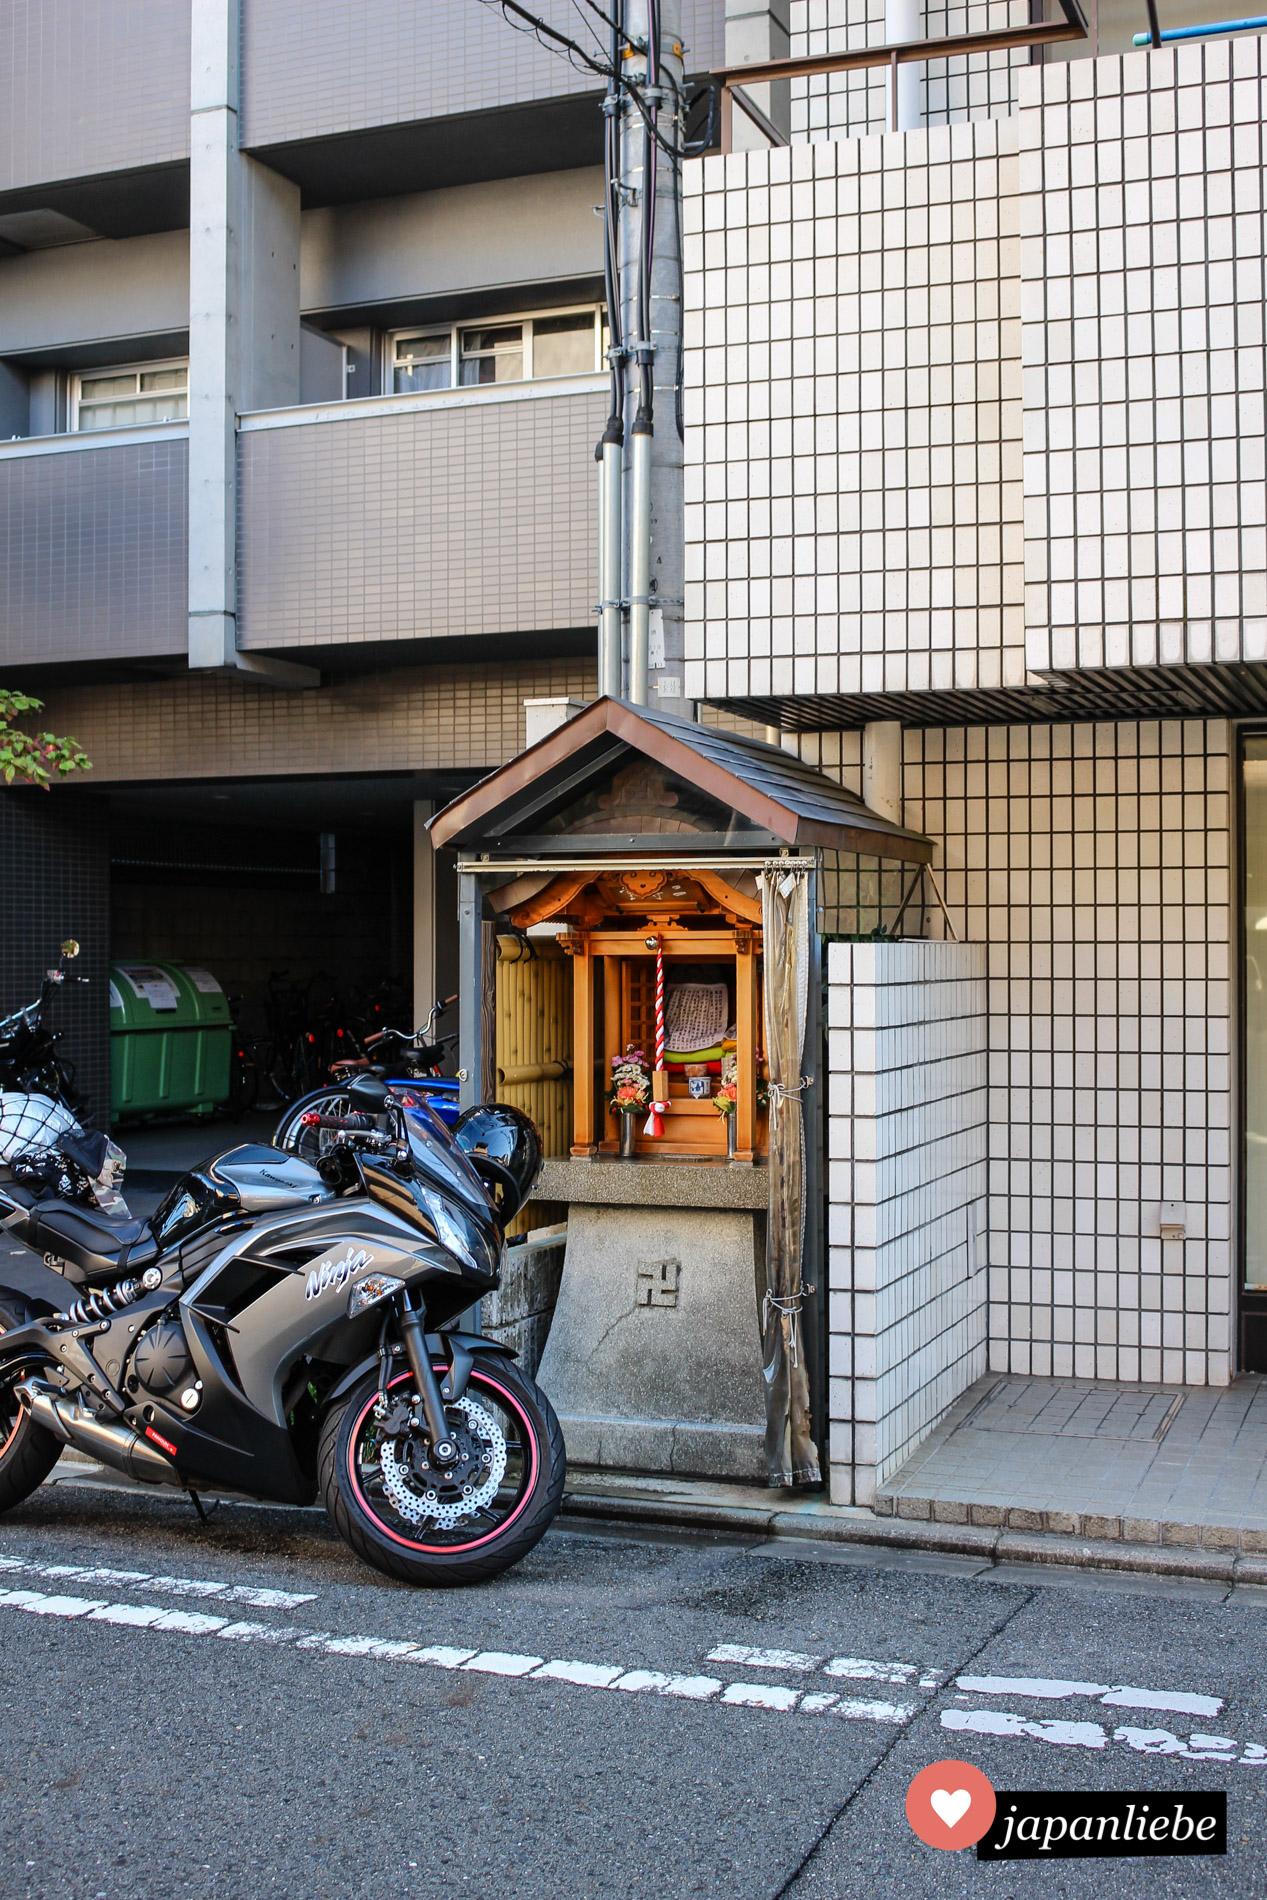 Ein Motorrad erschwert den Zugang für Betwillige.